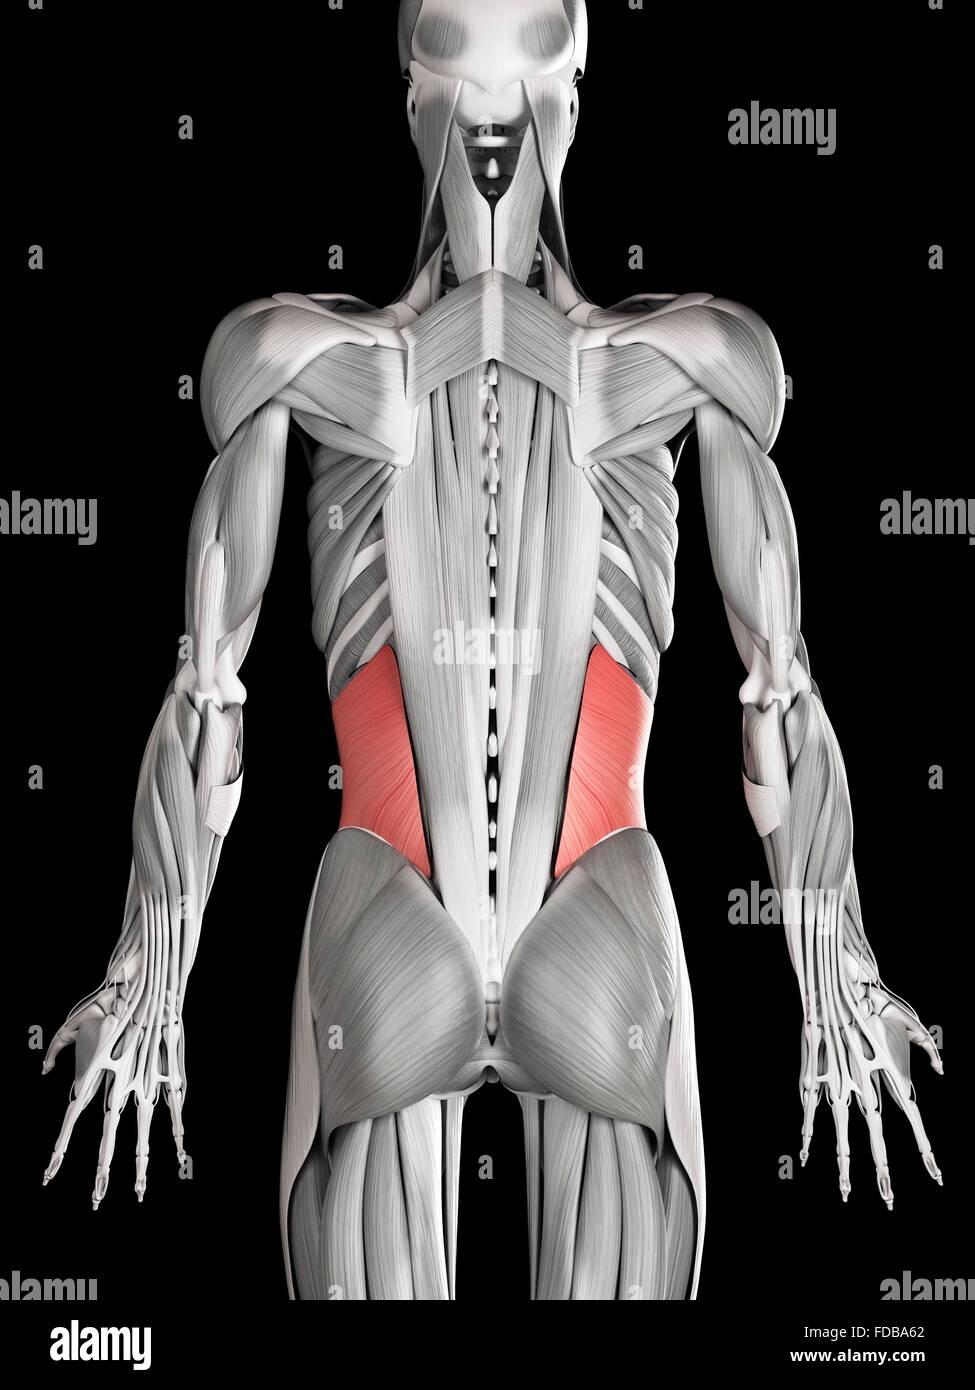 Menschlichen Bauchmuskeln (interne schräg), Illustration Stockfoto ...